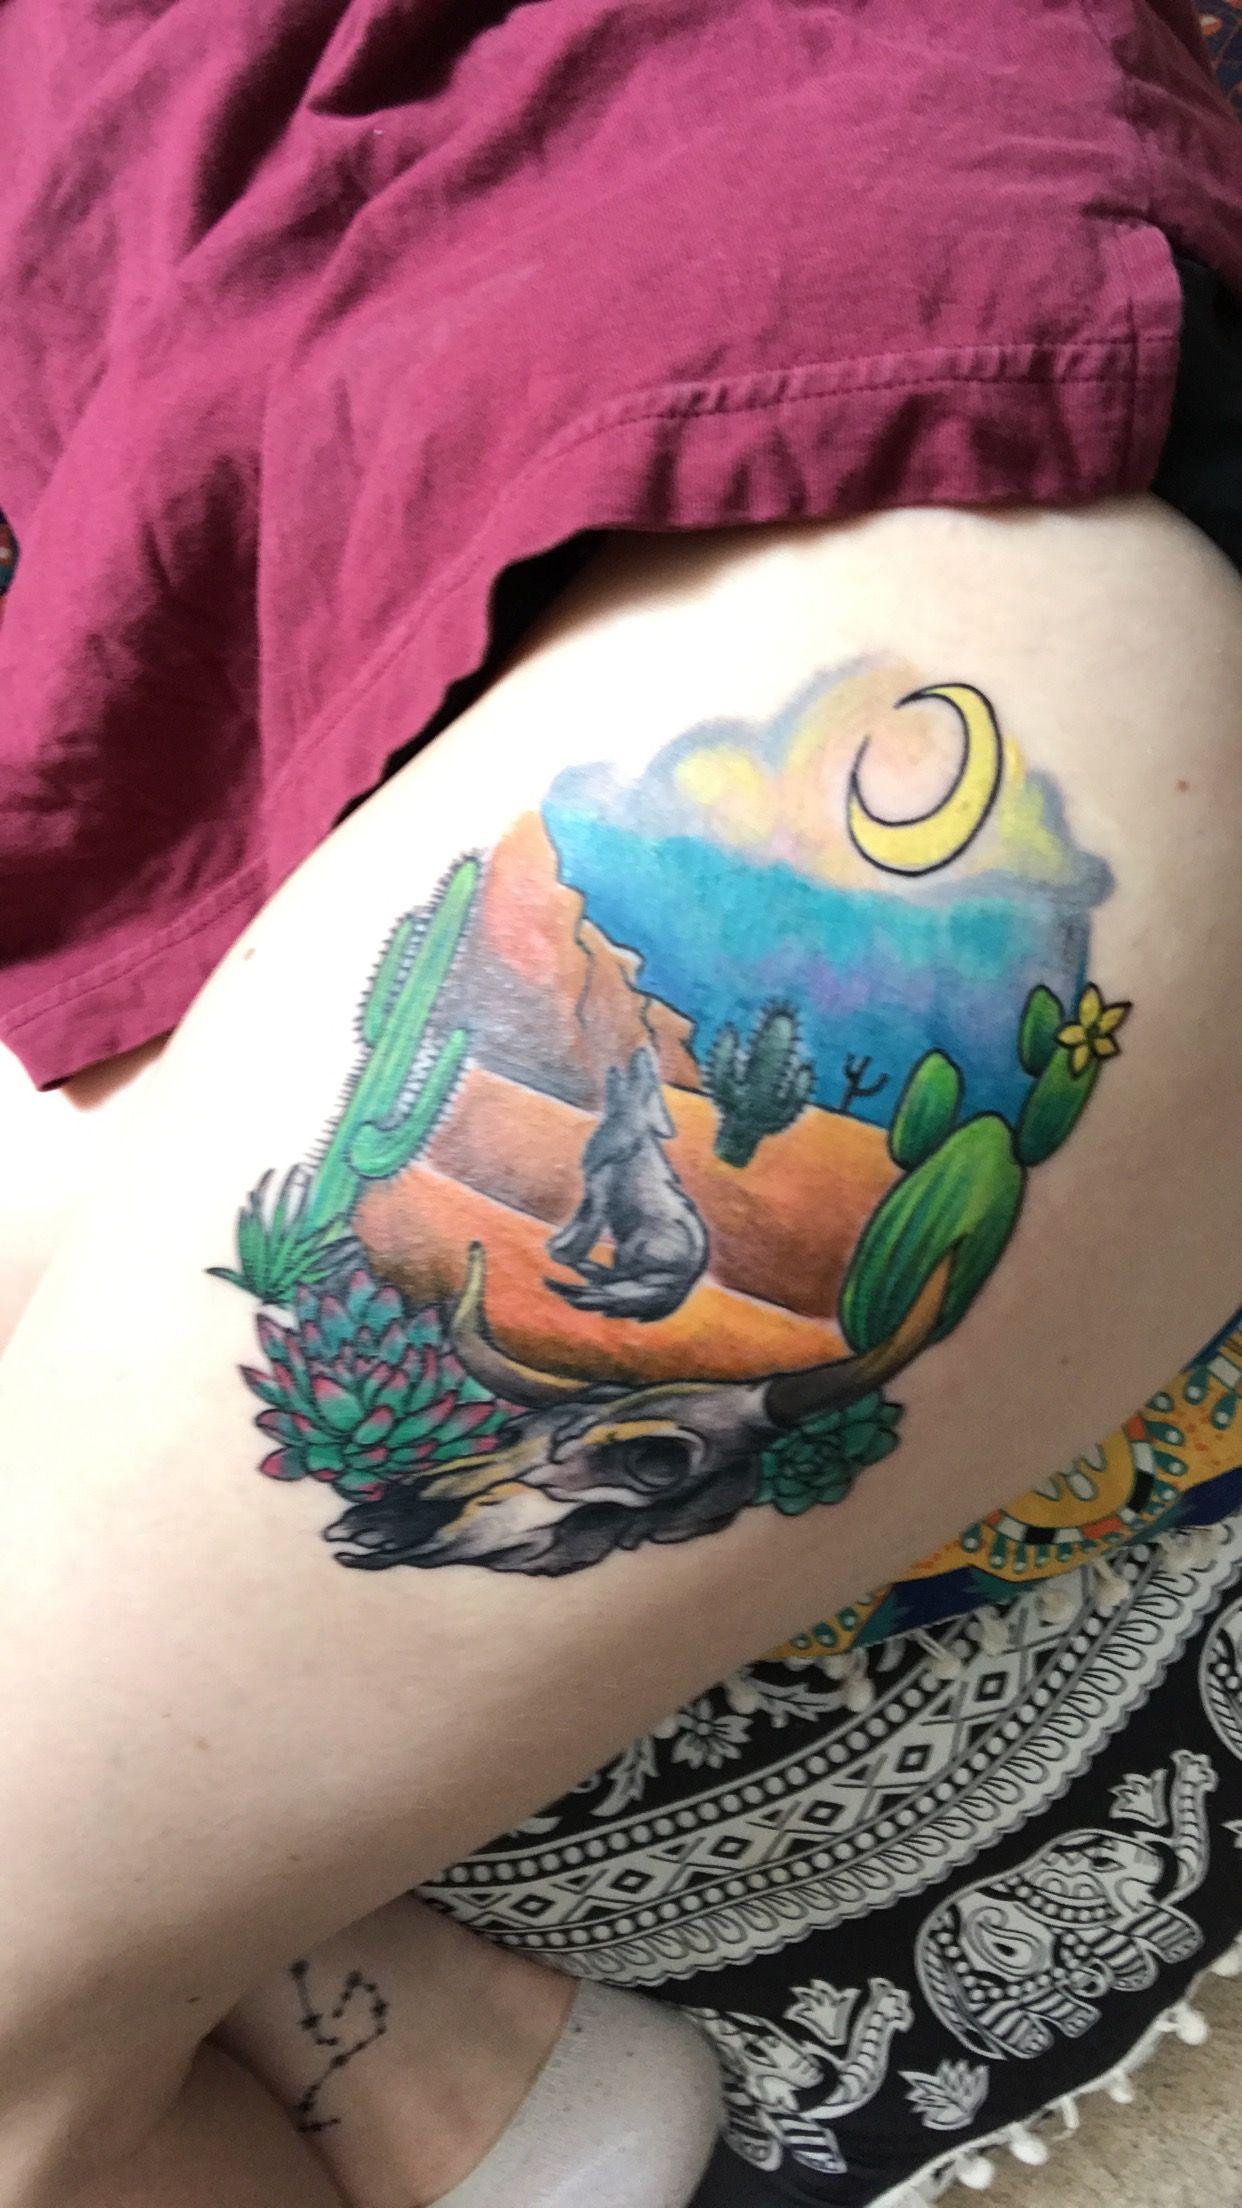 Desert tattoo tattoos watercolor tattoo